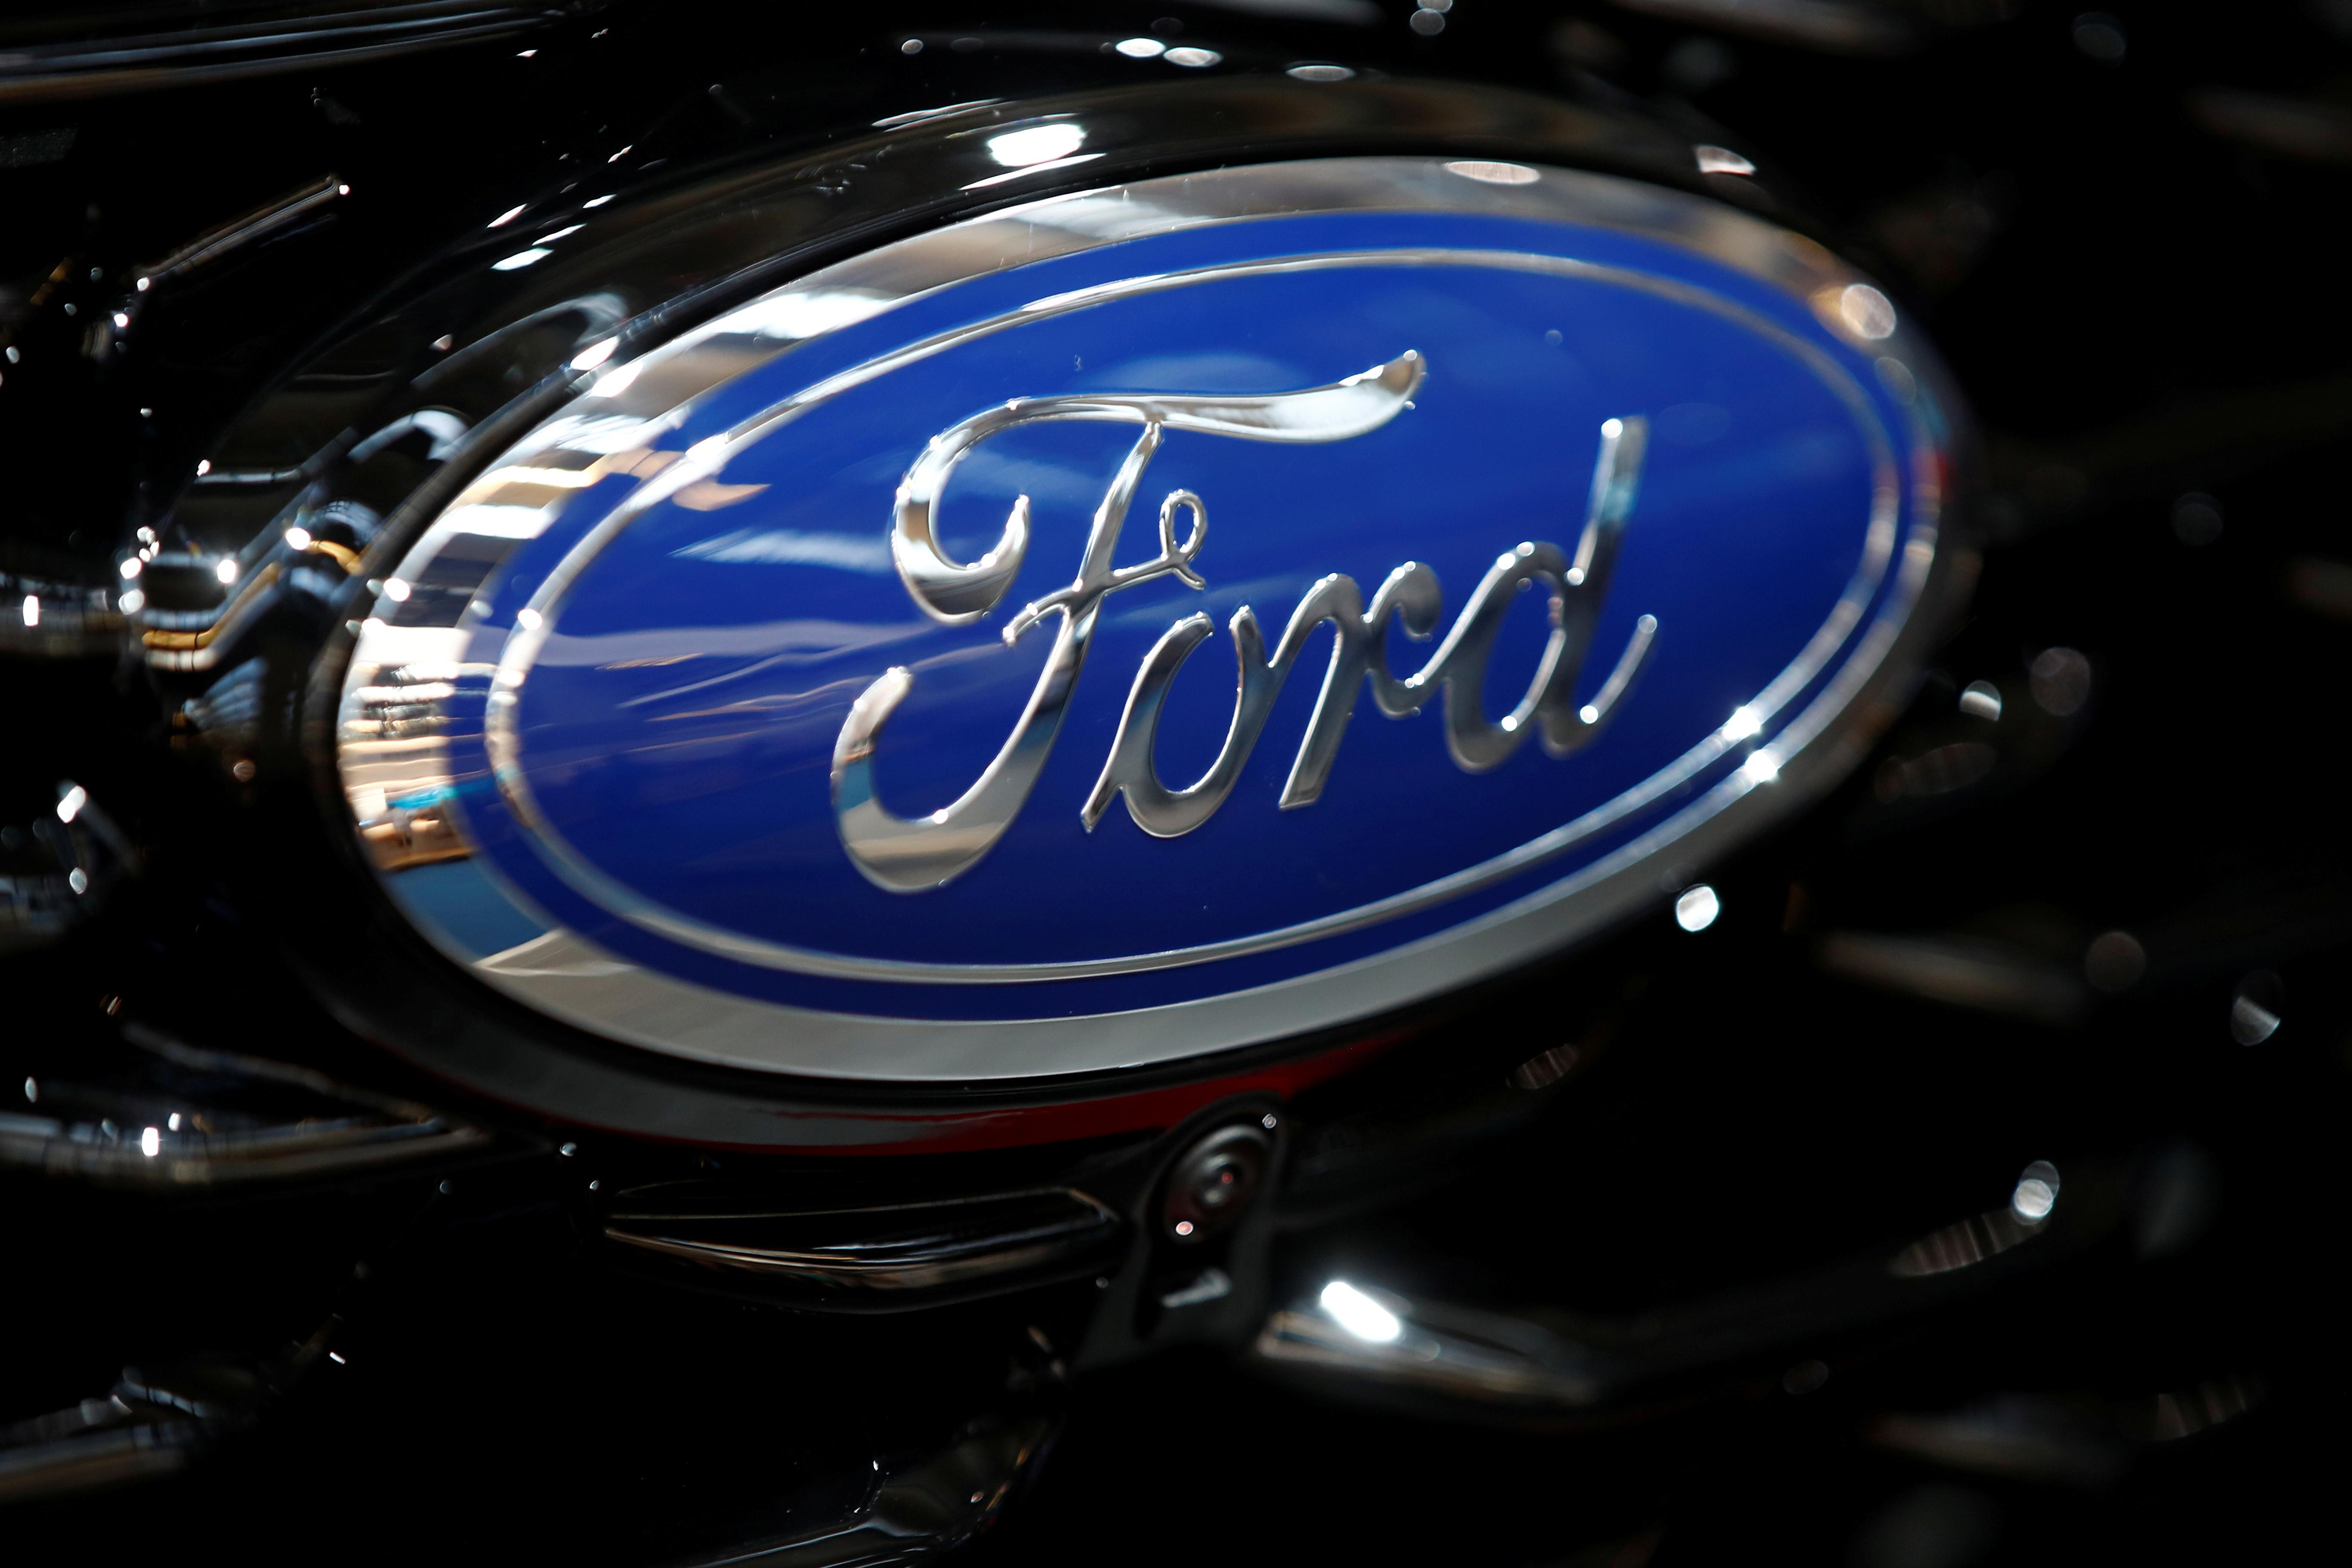 U.S. DoJ demands Ford Focus, Fiesta documents: Detroit Free Press